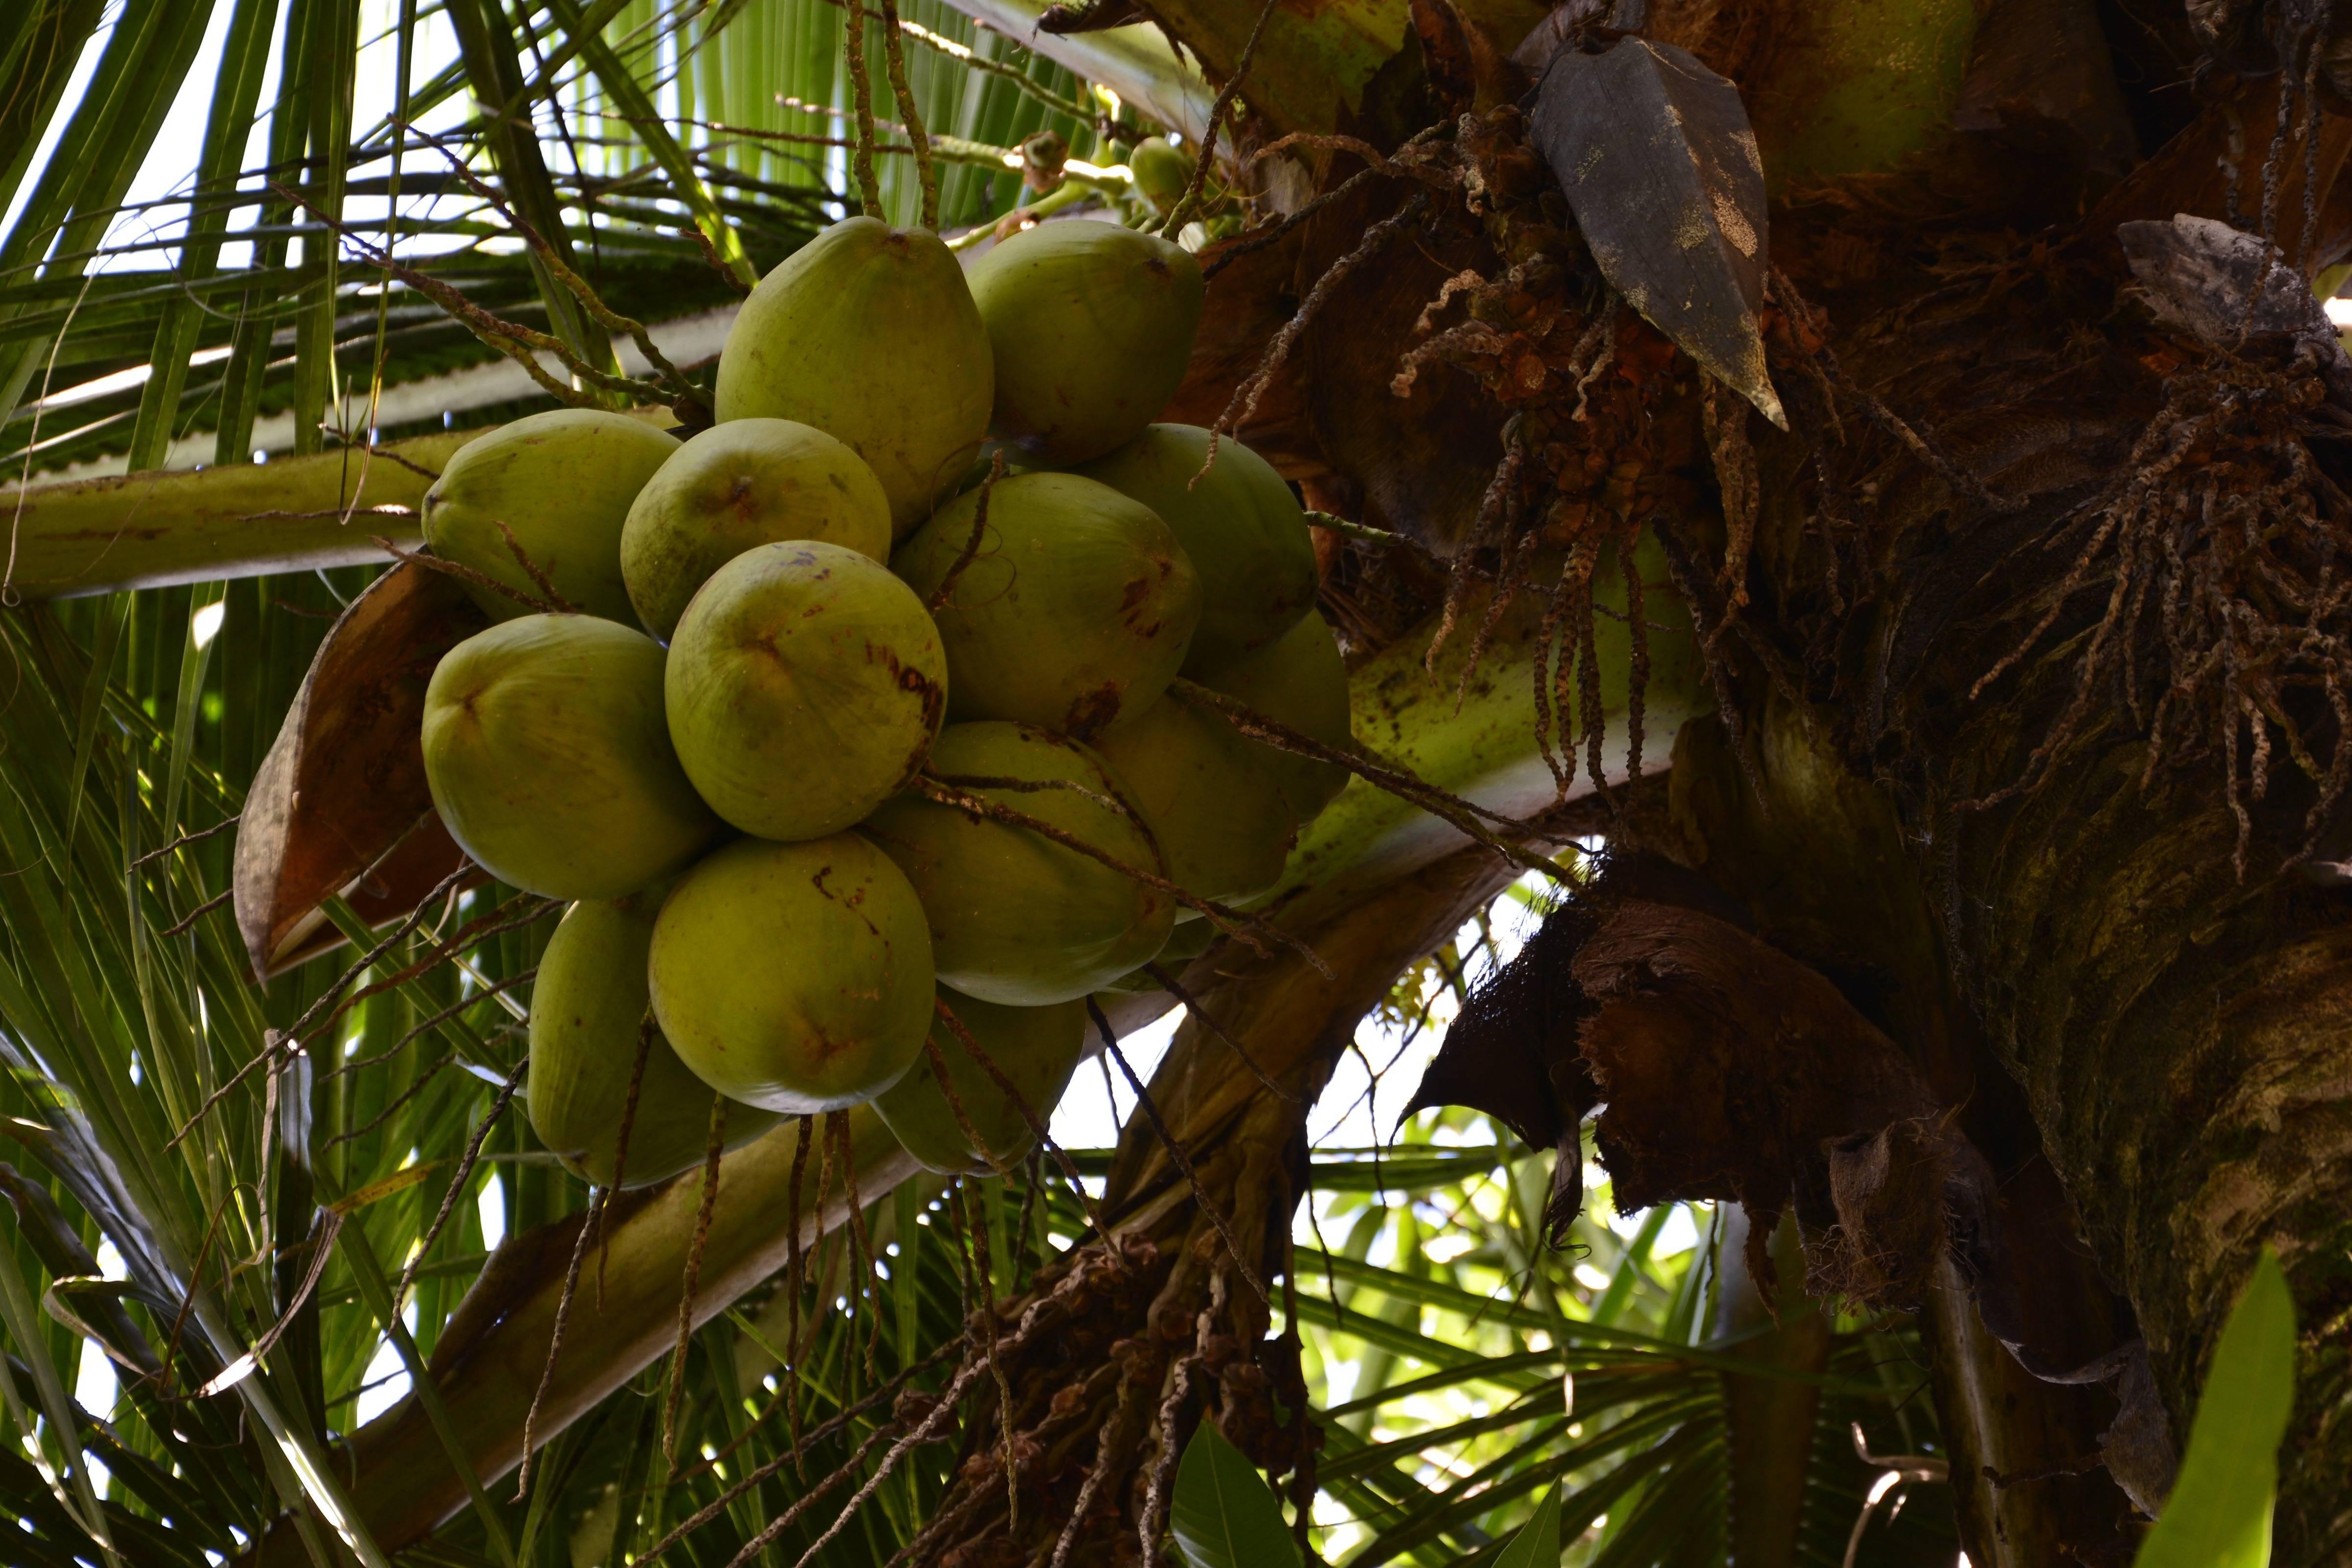 Кокос - это фрукт, орех или семя?